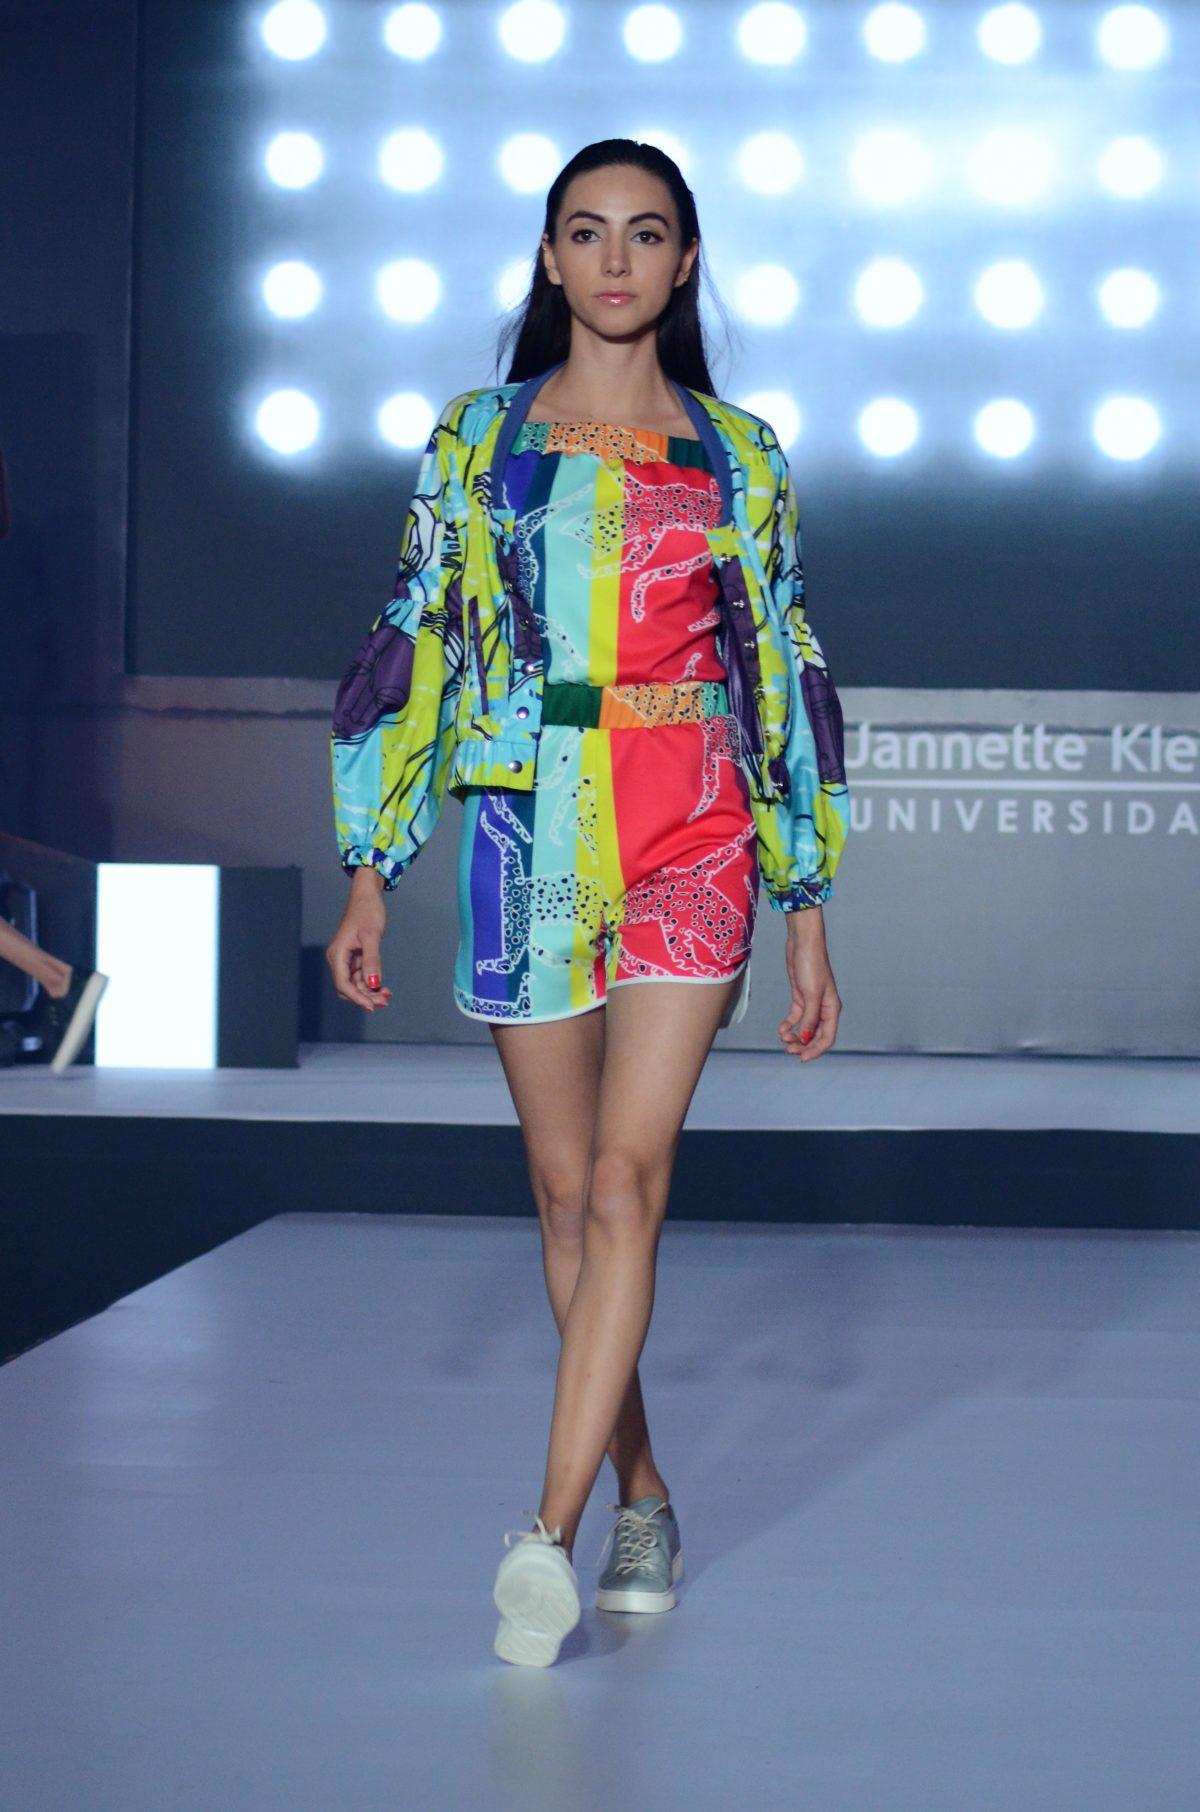 Jannette_11